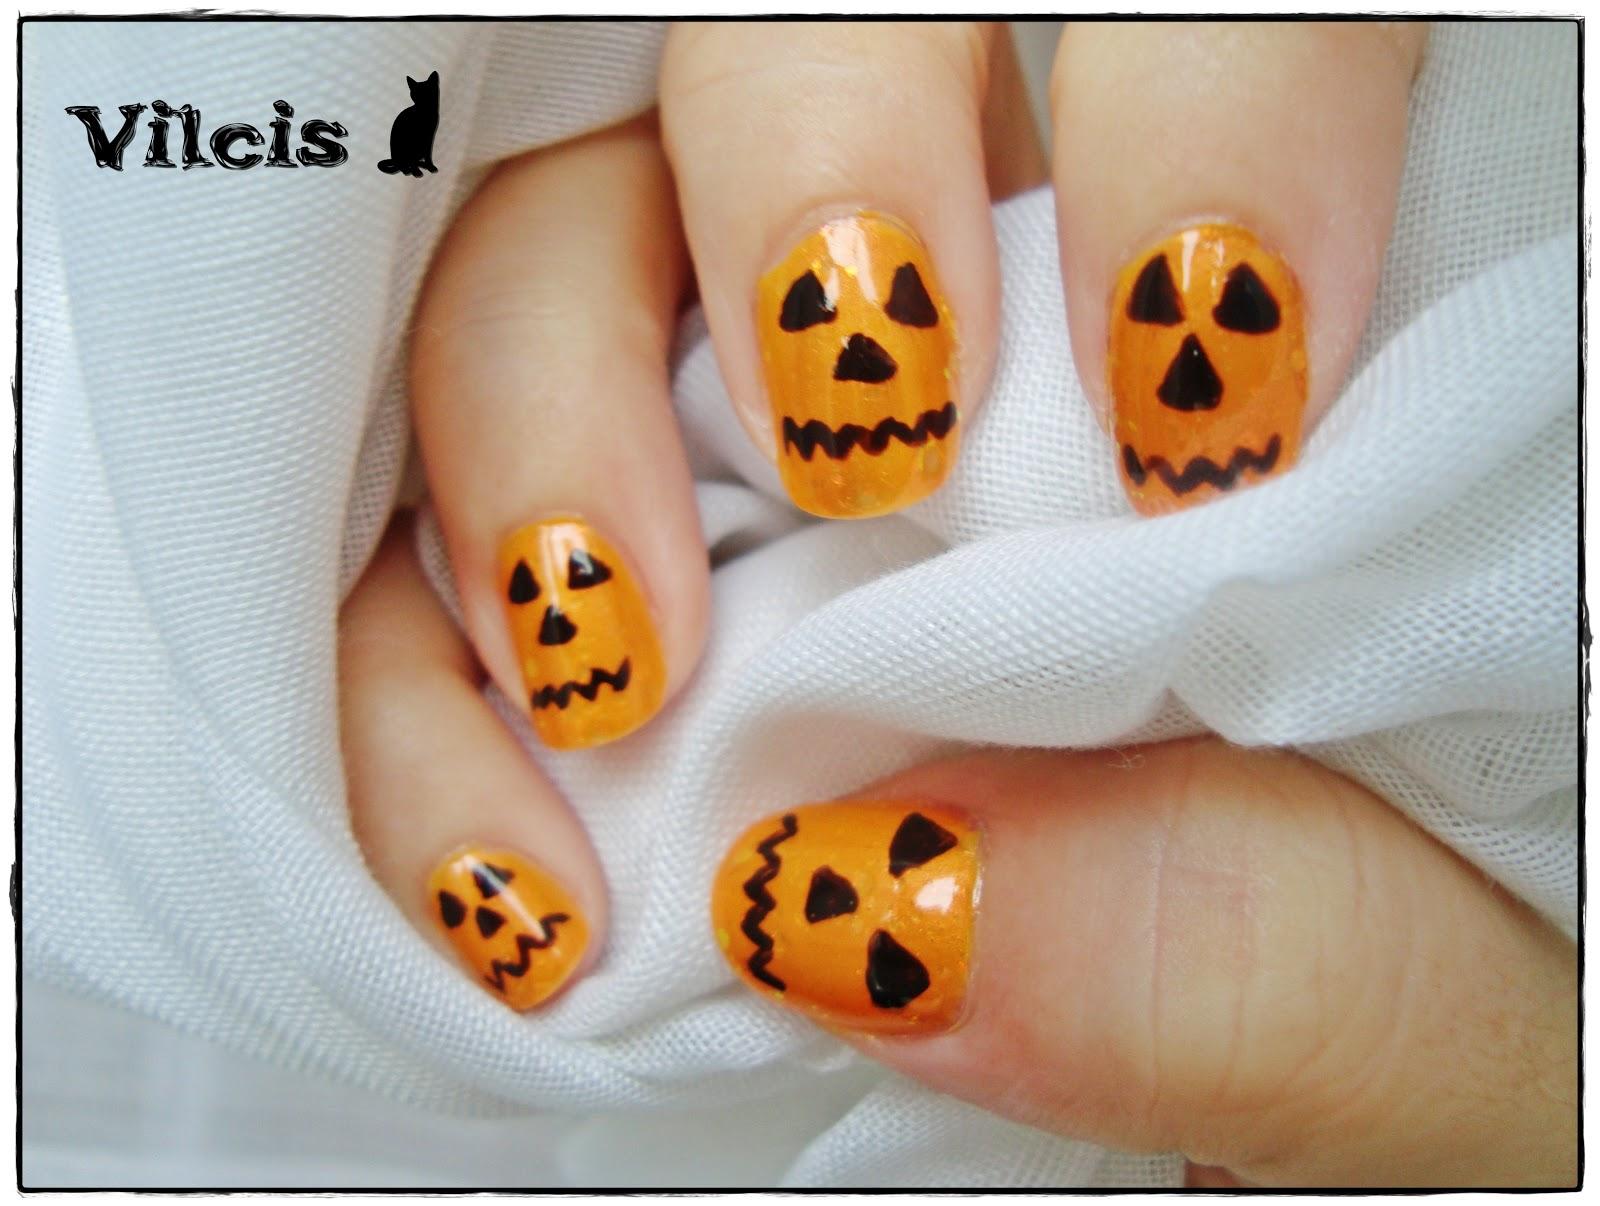 Vilcis nail designs dise o de halloween calabazas - Disenos de calabazas ...